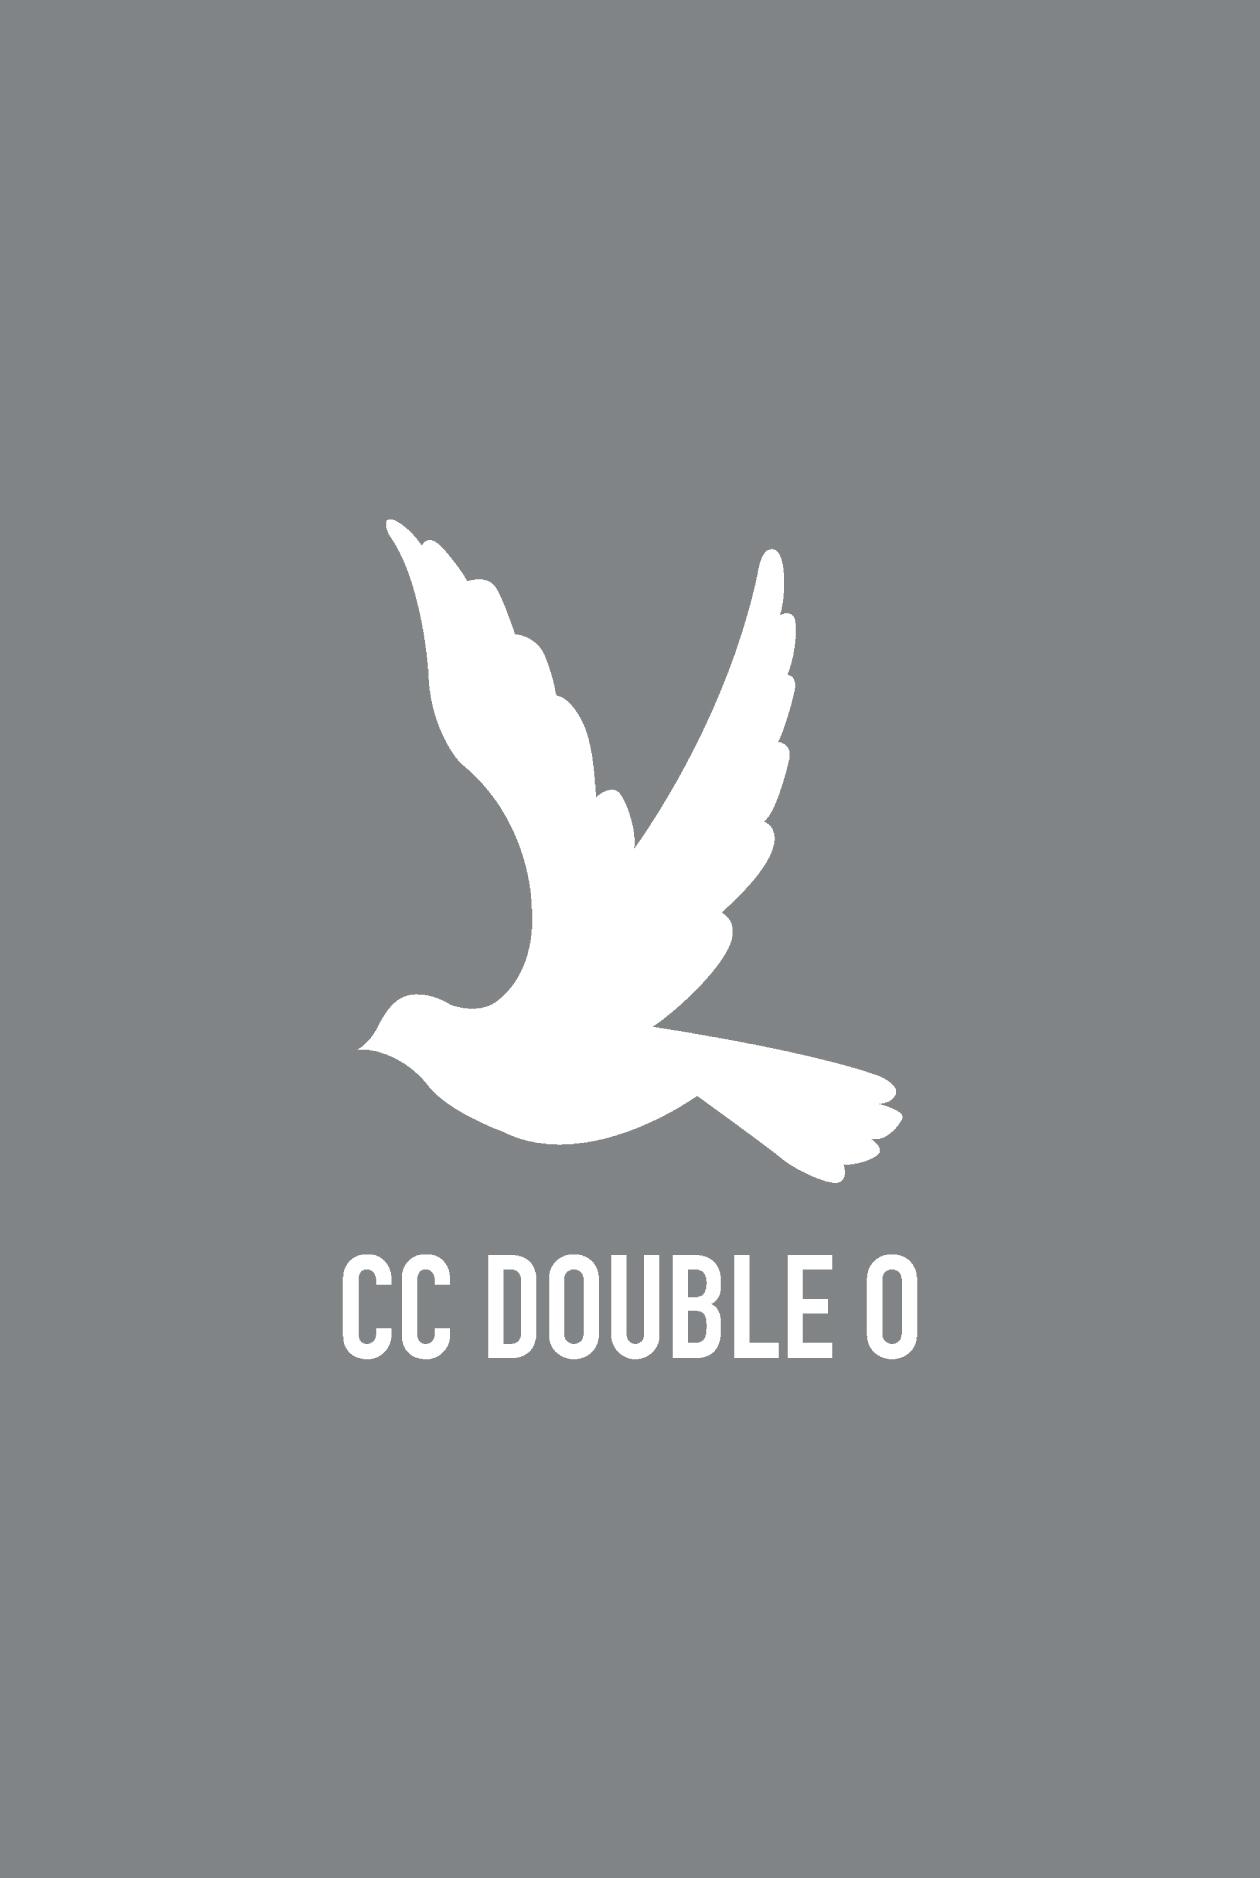 เสื้อยืดกีฬา CC DOUBLE O